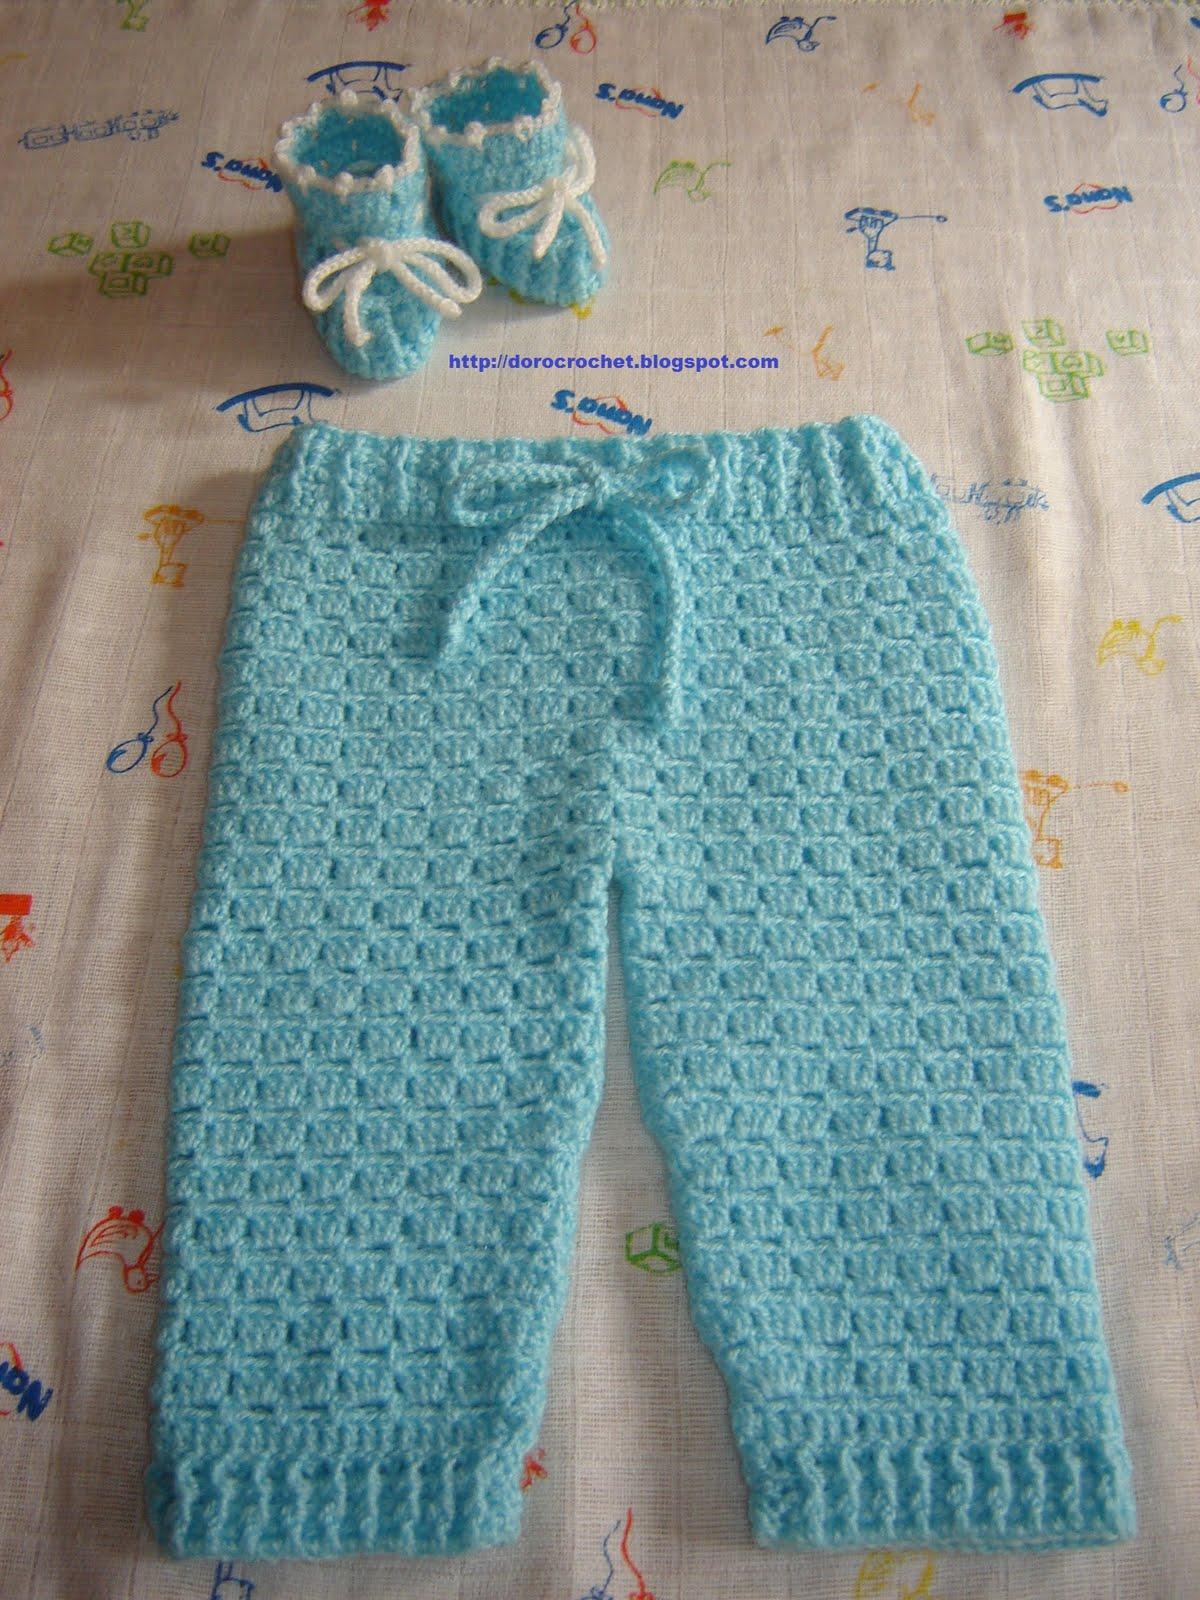 El baúl de Doro: Pantalón y zapatitos de bebé en crochet.